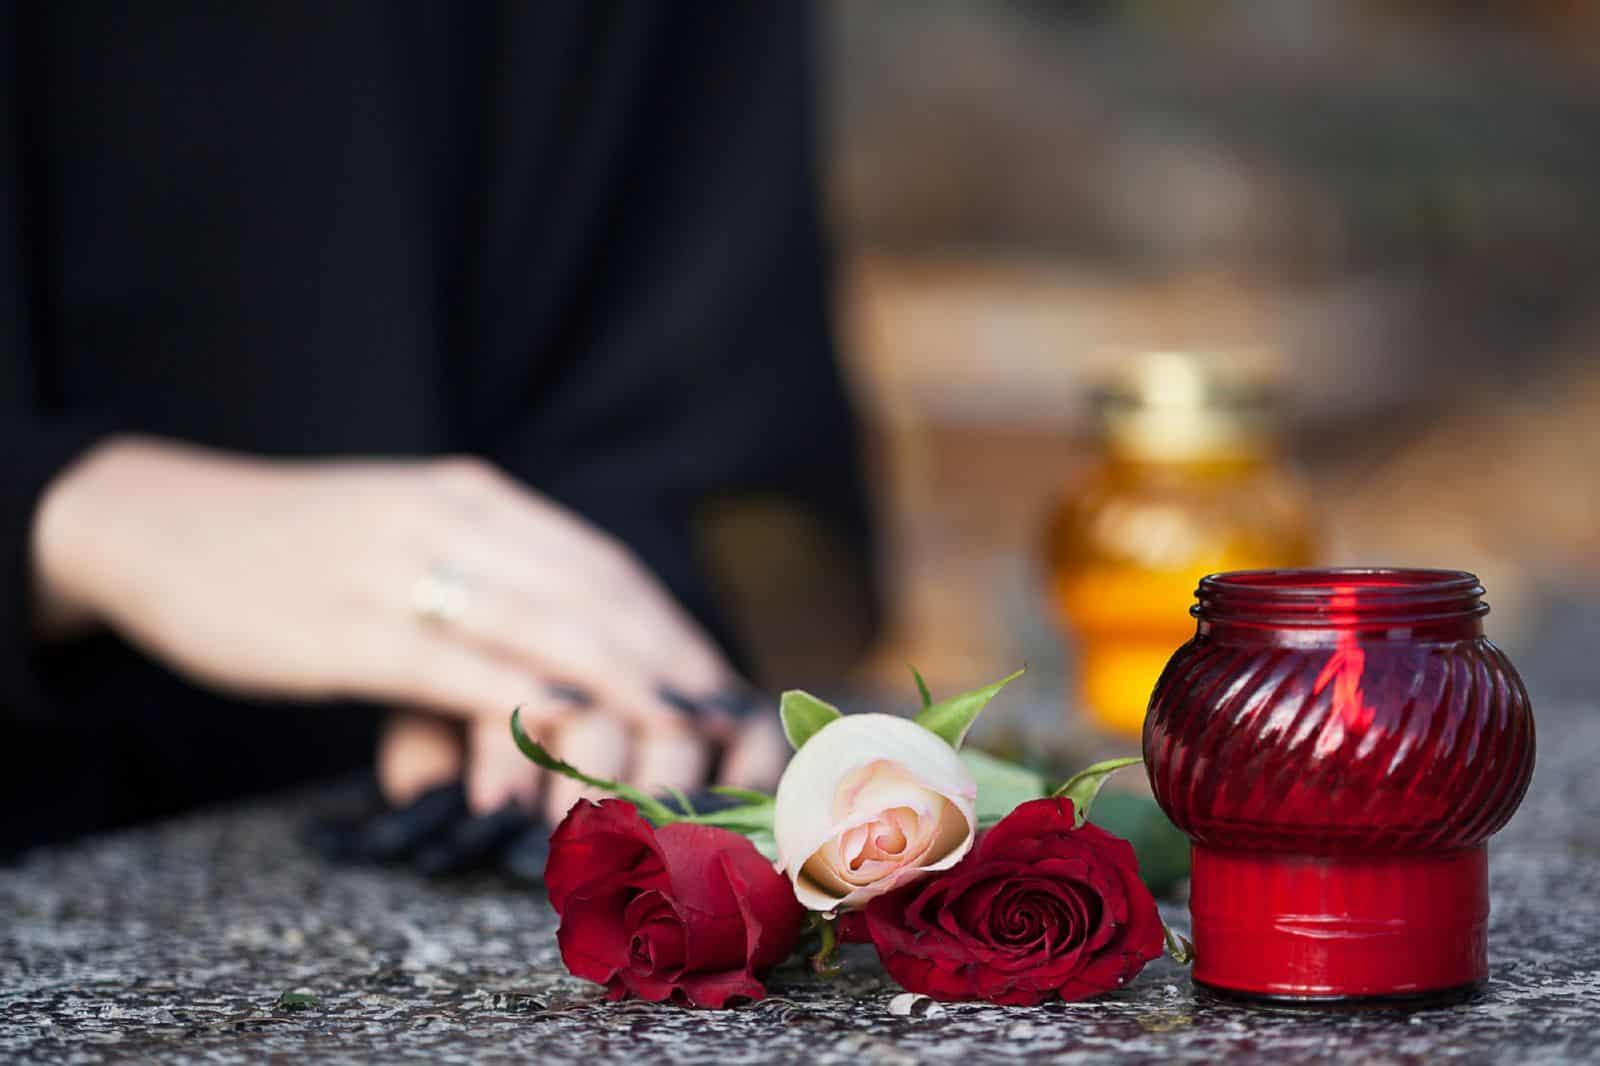 Правила оказания материальной помощь при смерти близкого родственника – размер выплаты от работодателя, налогообложение